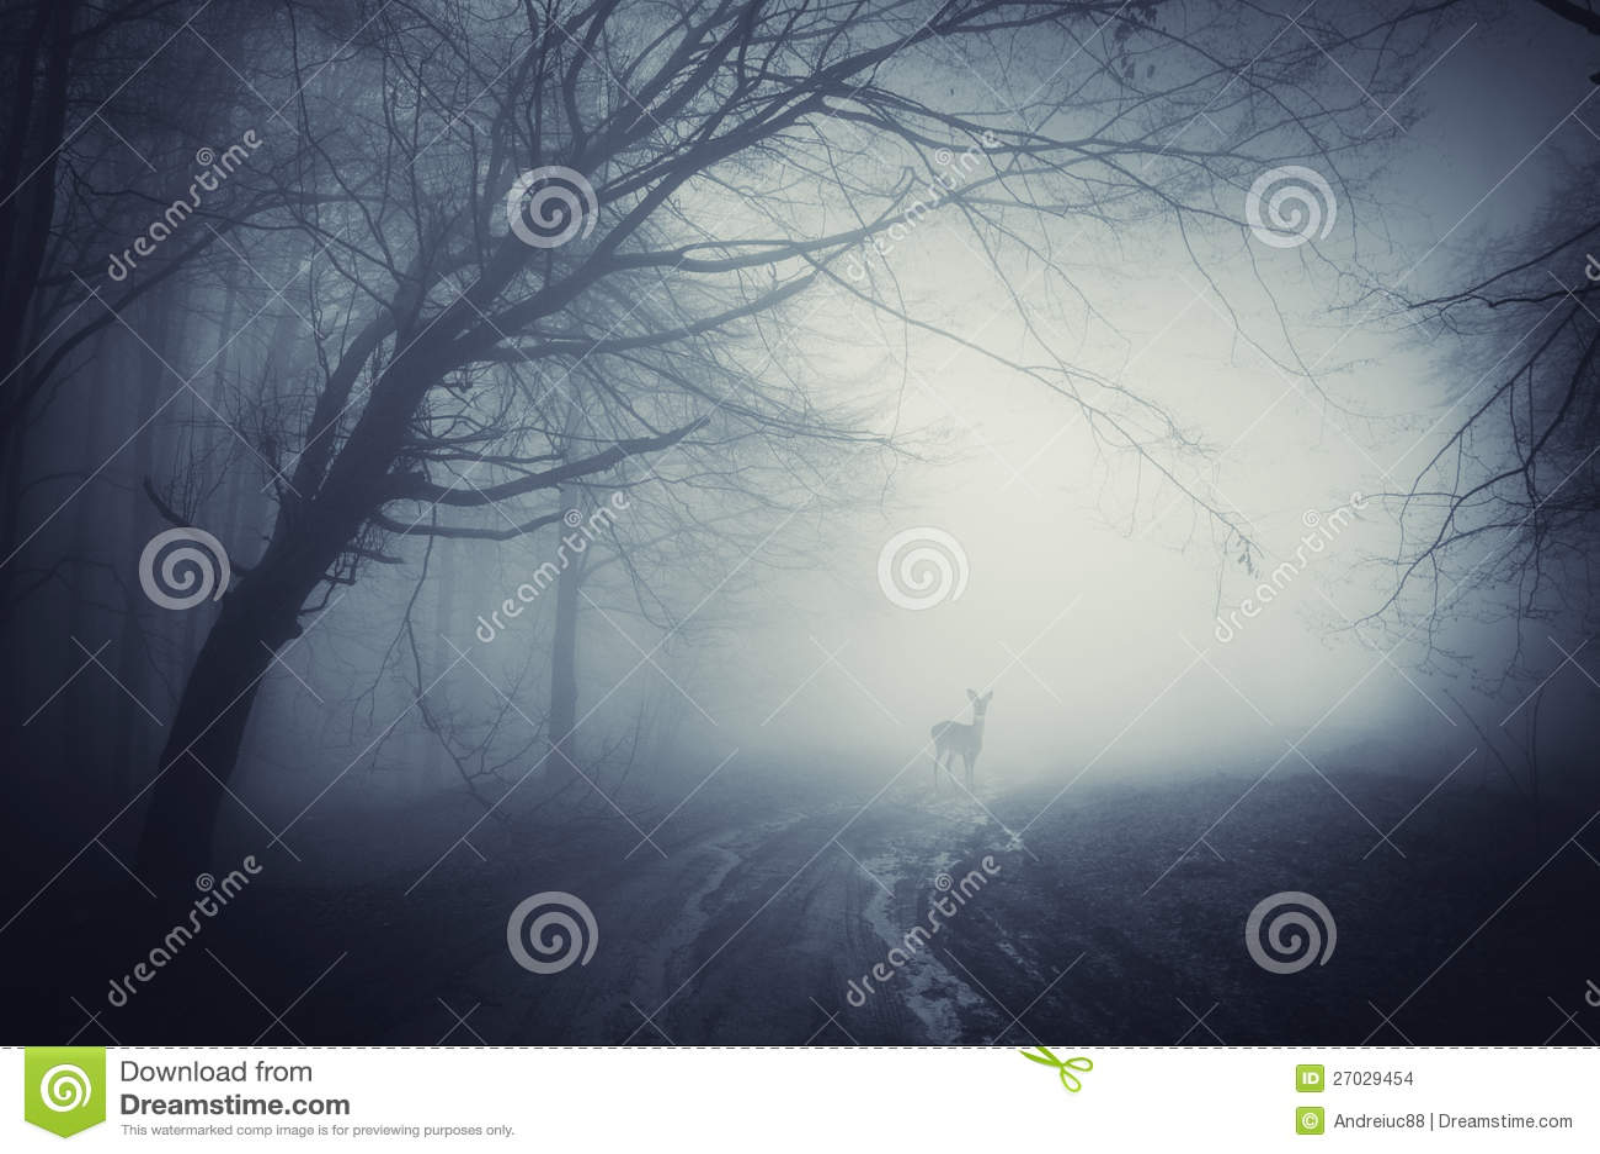 Cervi su una strada in una foresta scura dopo pioggia